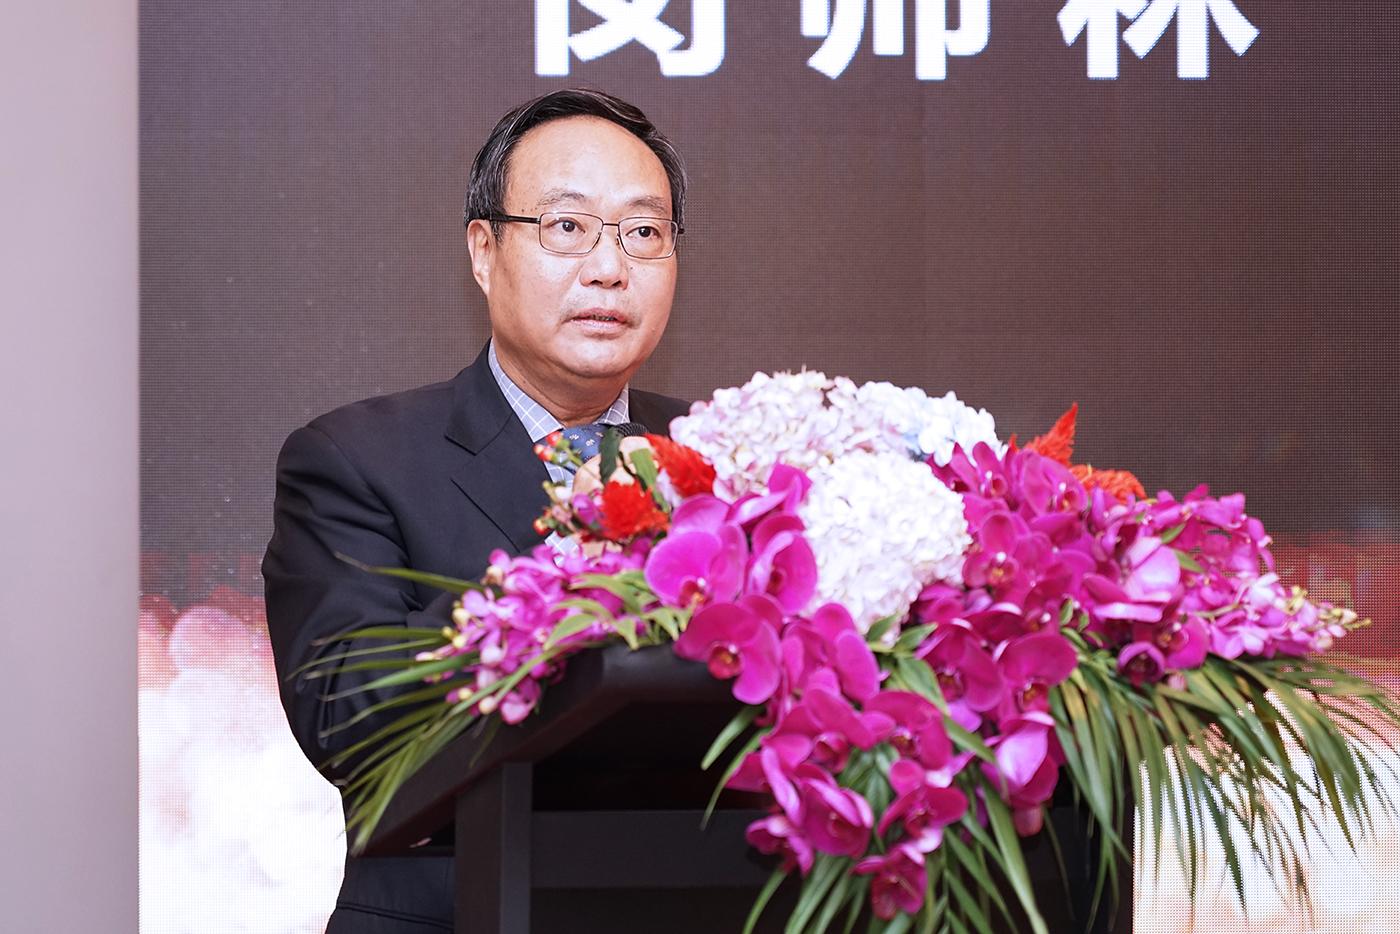 上海虹桥商务区管理委员会党组书记、常务副主任闵师林在开幕式上致辞。